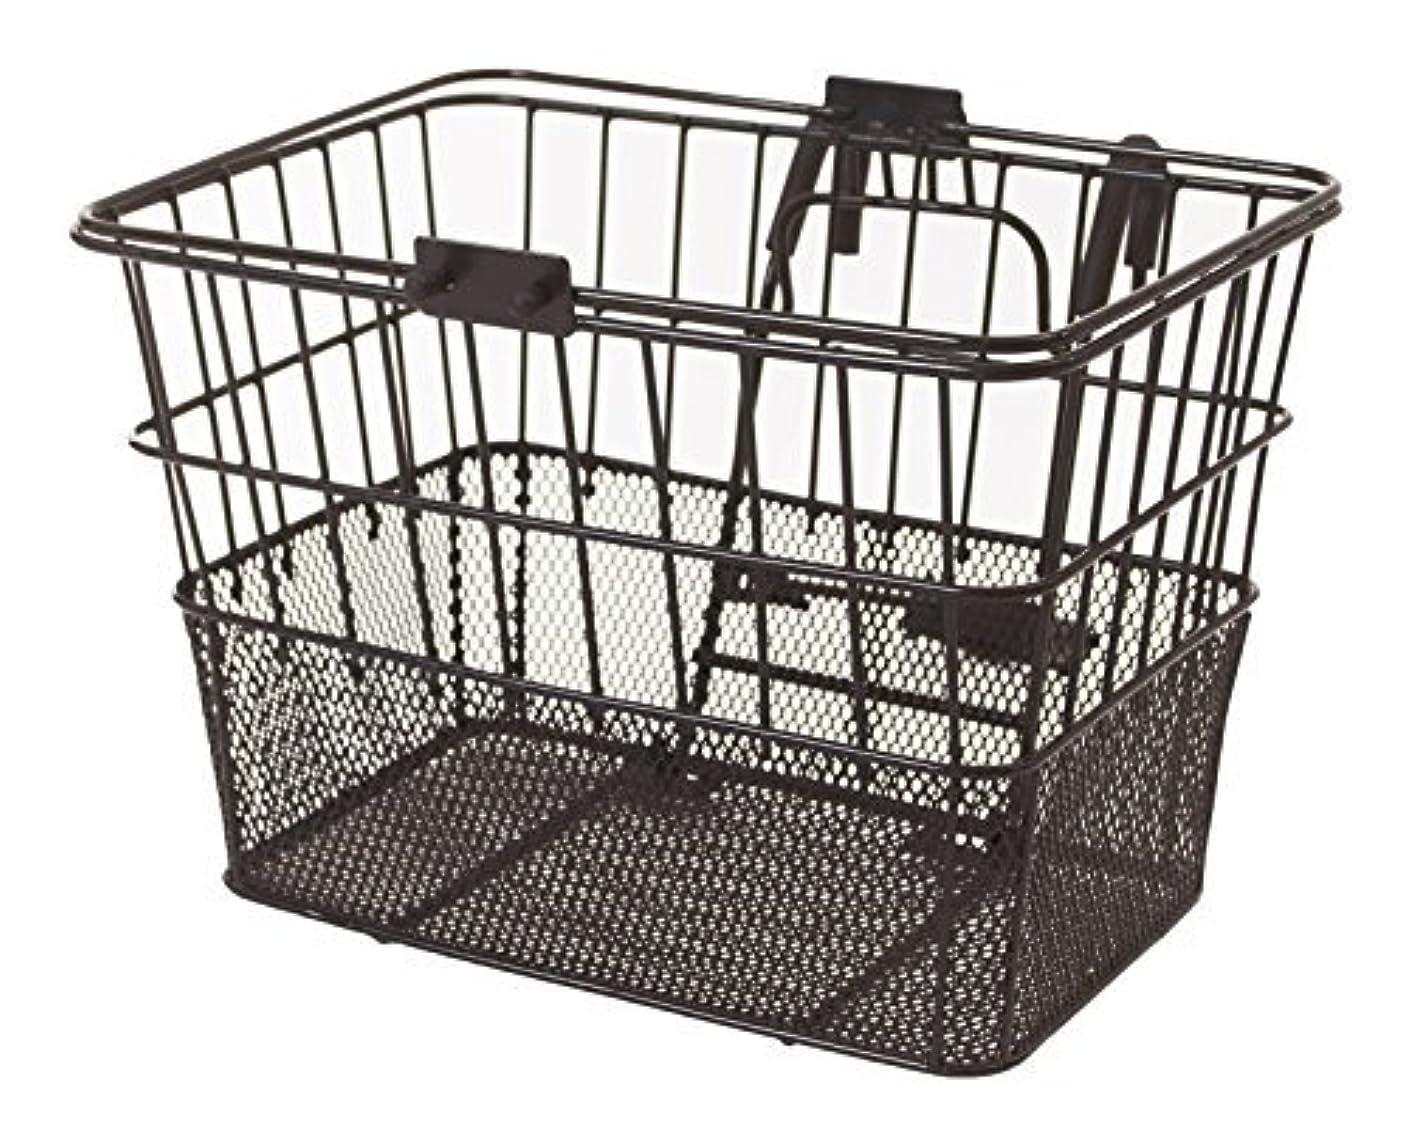 ミトン町追い付くRetrospec Bicycles Detachable Steel Half-Mesh Apollo Bike Basket with Handles Black [並行輸入品]